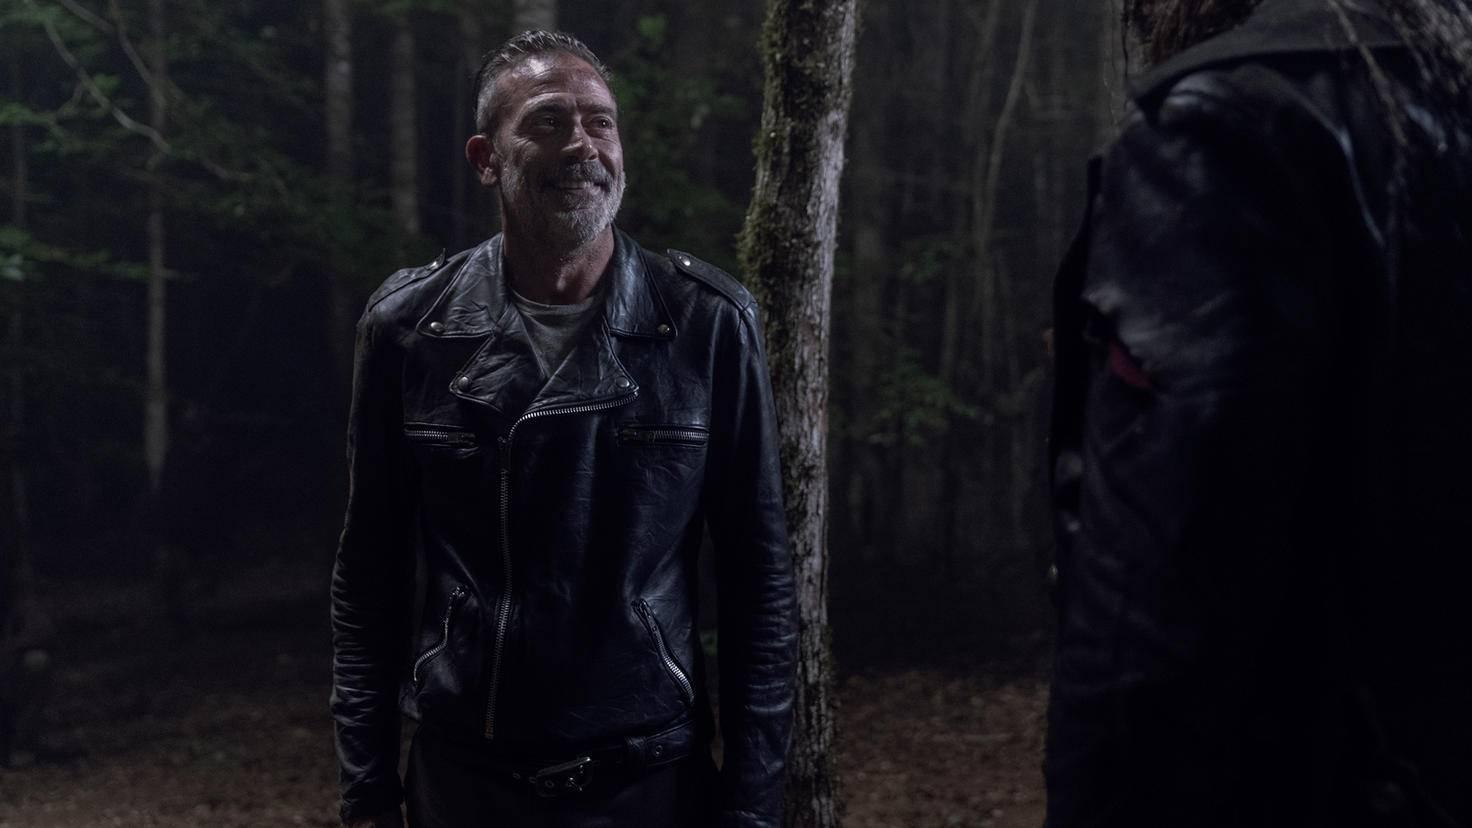 The Walking Dead-S10E06-Negan-Jace Downs-AMC-2